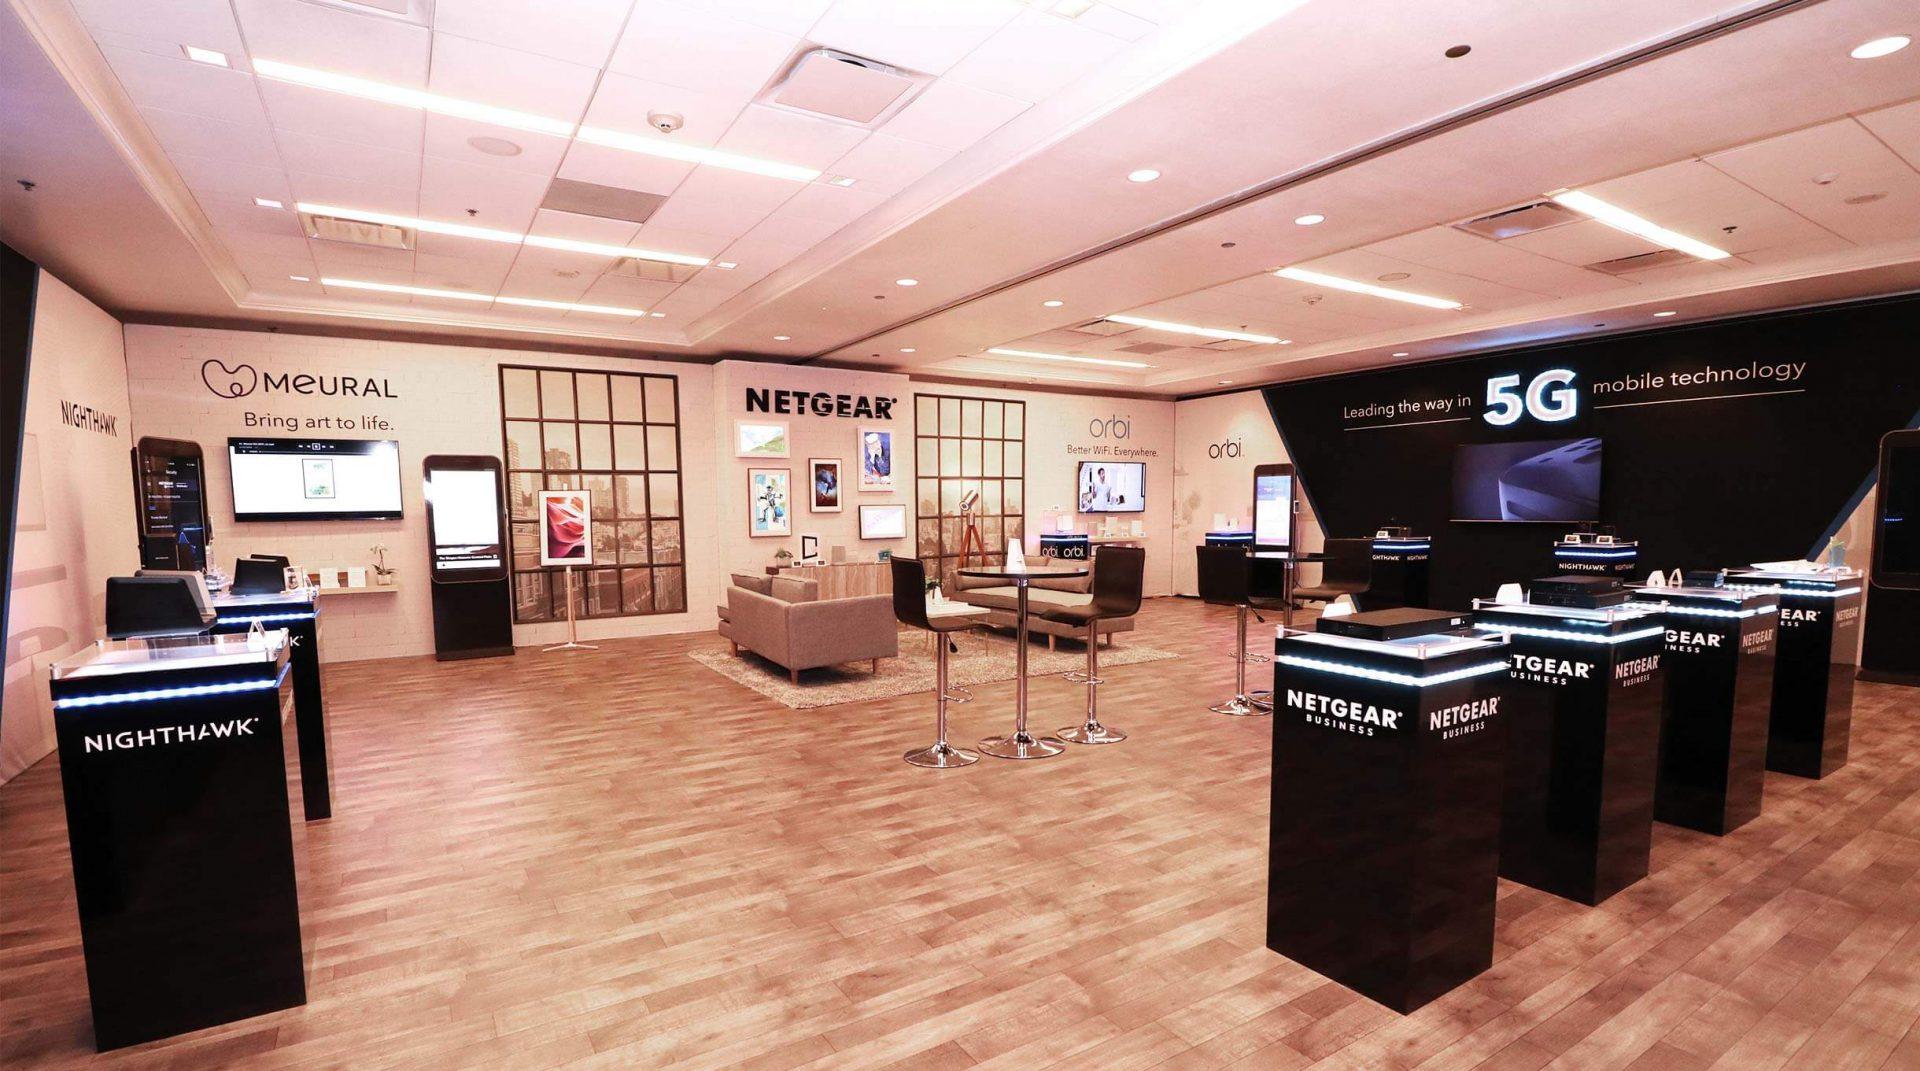 Netgear Exhibition CES Las Vegas 2019